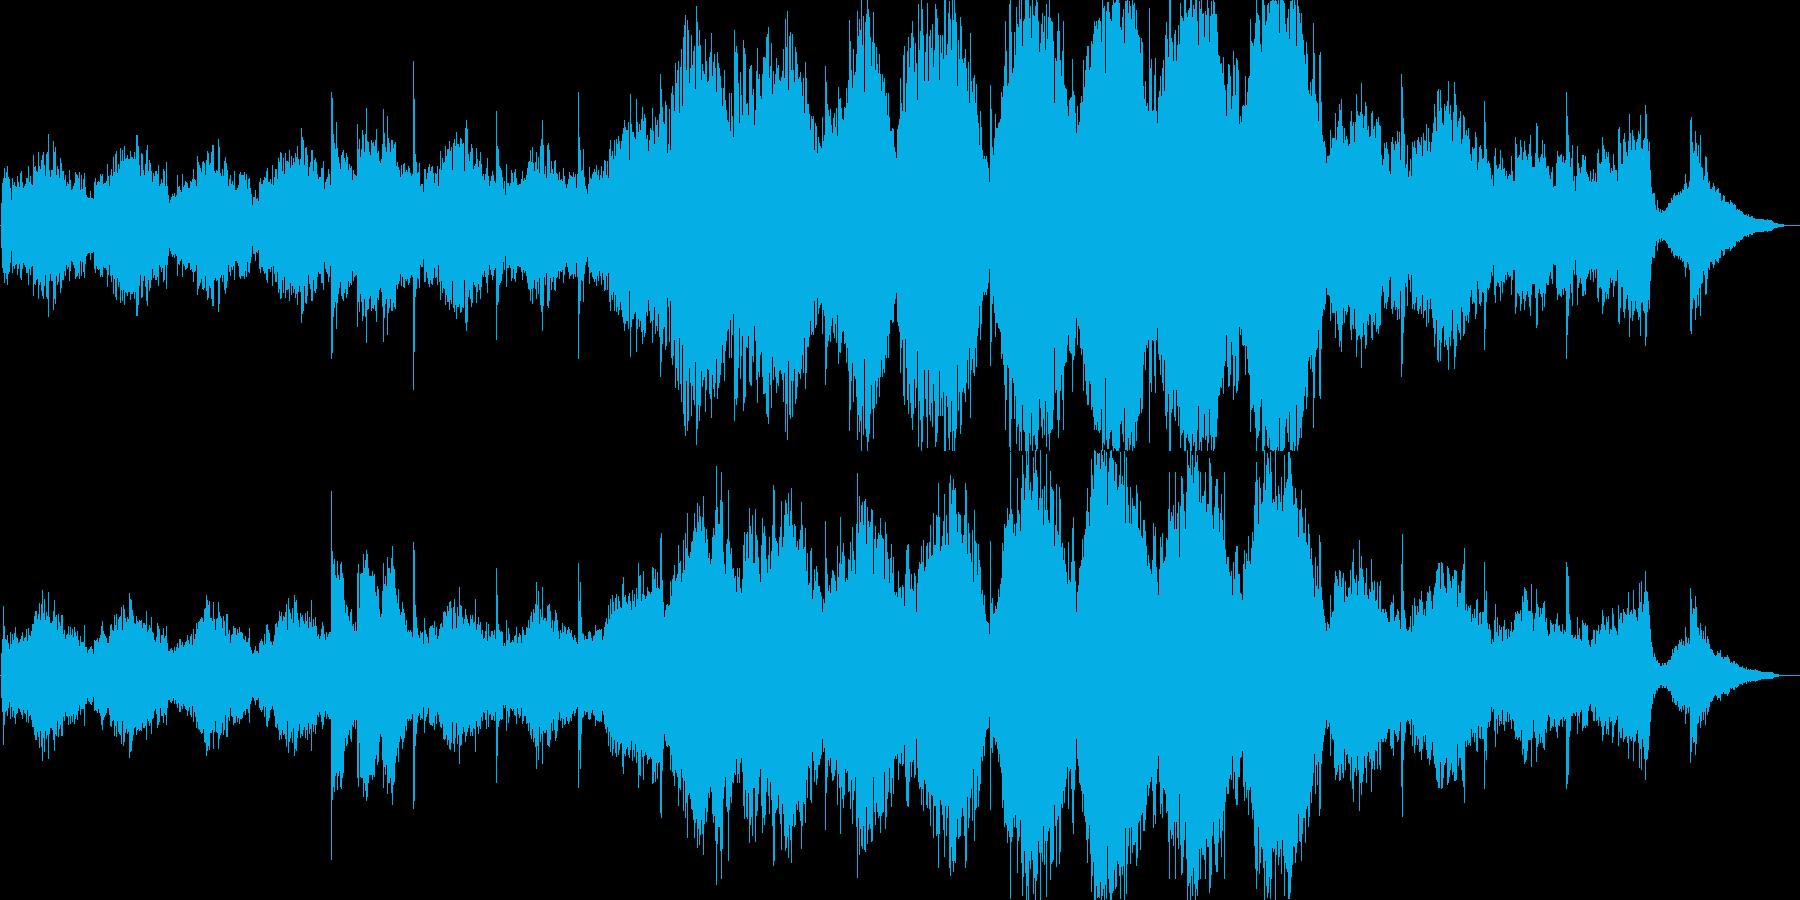 ホラーな雰囲気のオーケストラの再生済みの波形